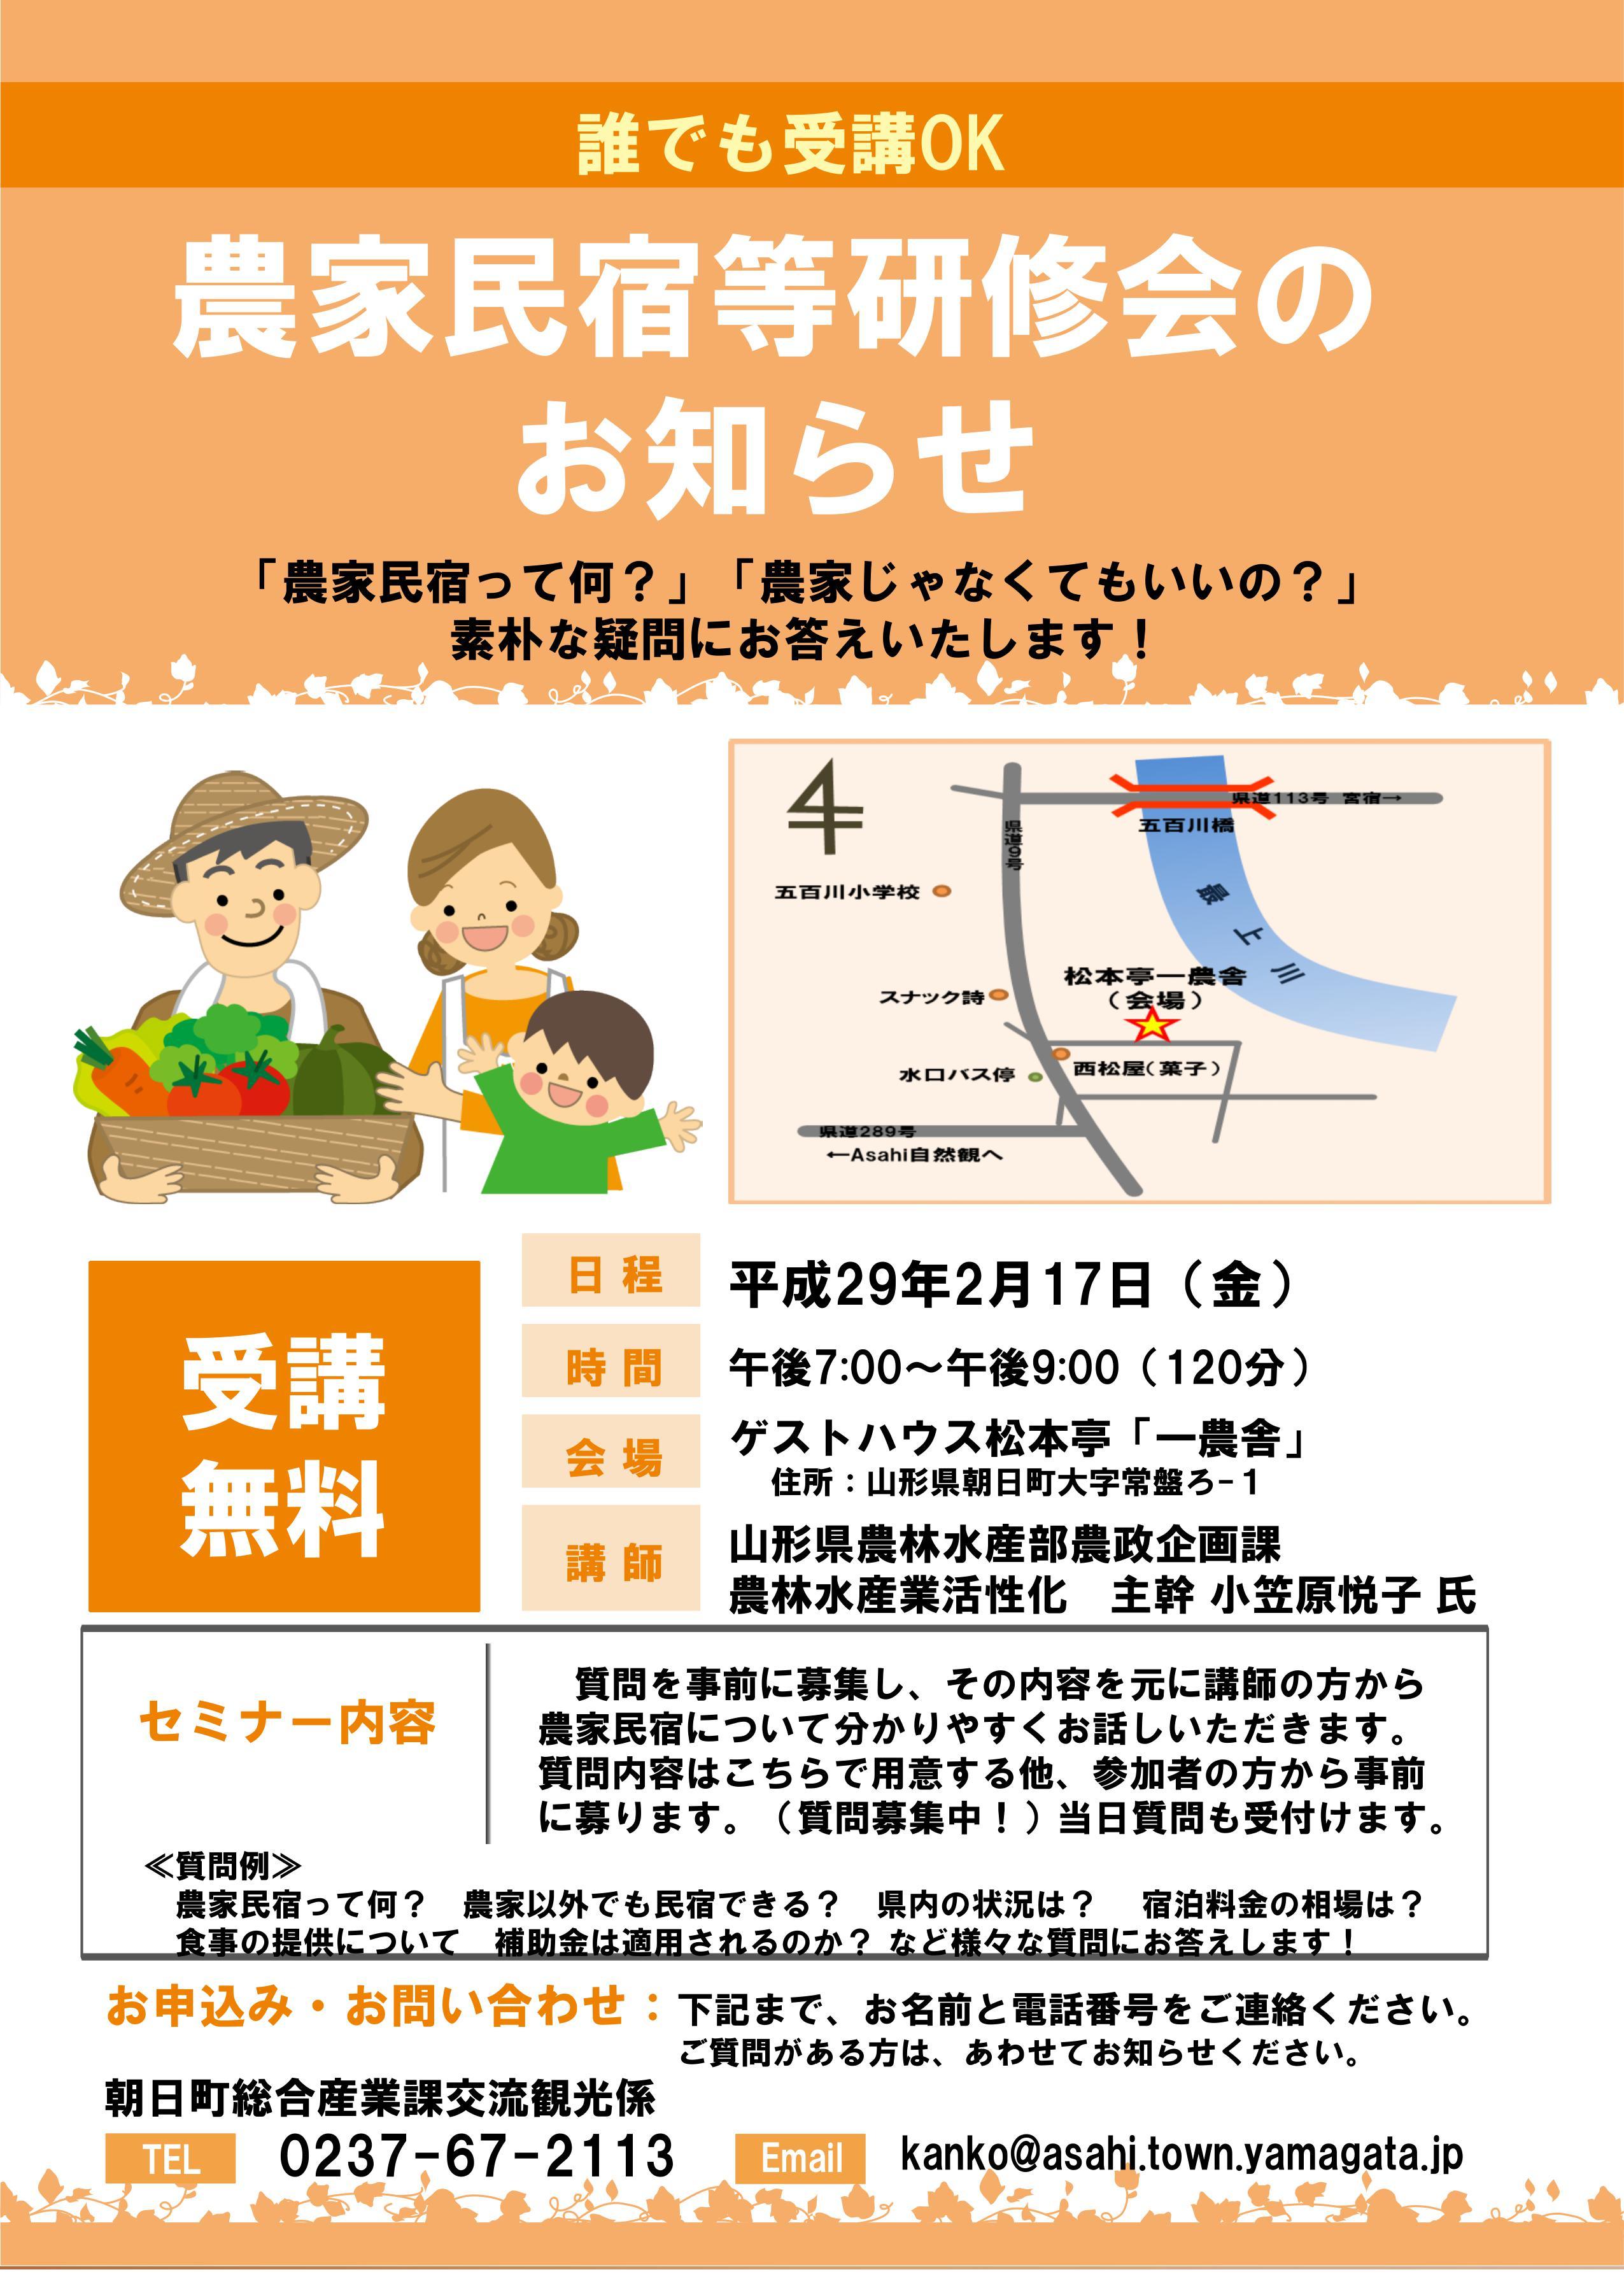 【朝日町】農家民宿等研修会が開催されます。※終了しました※:画像